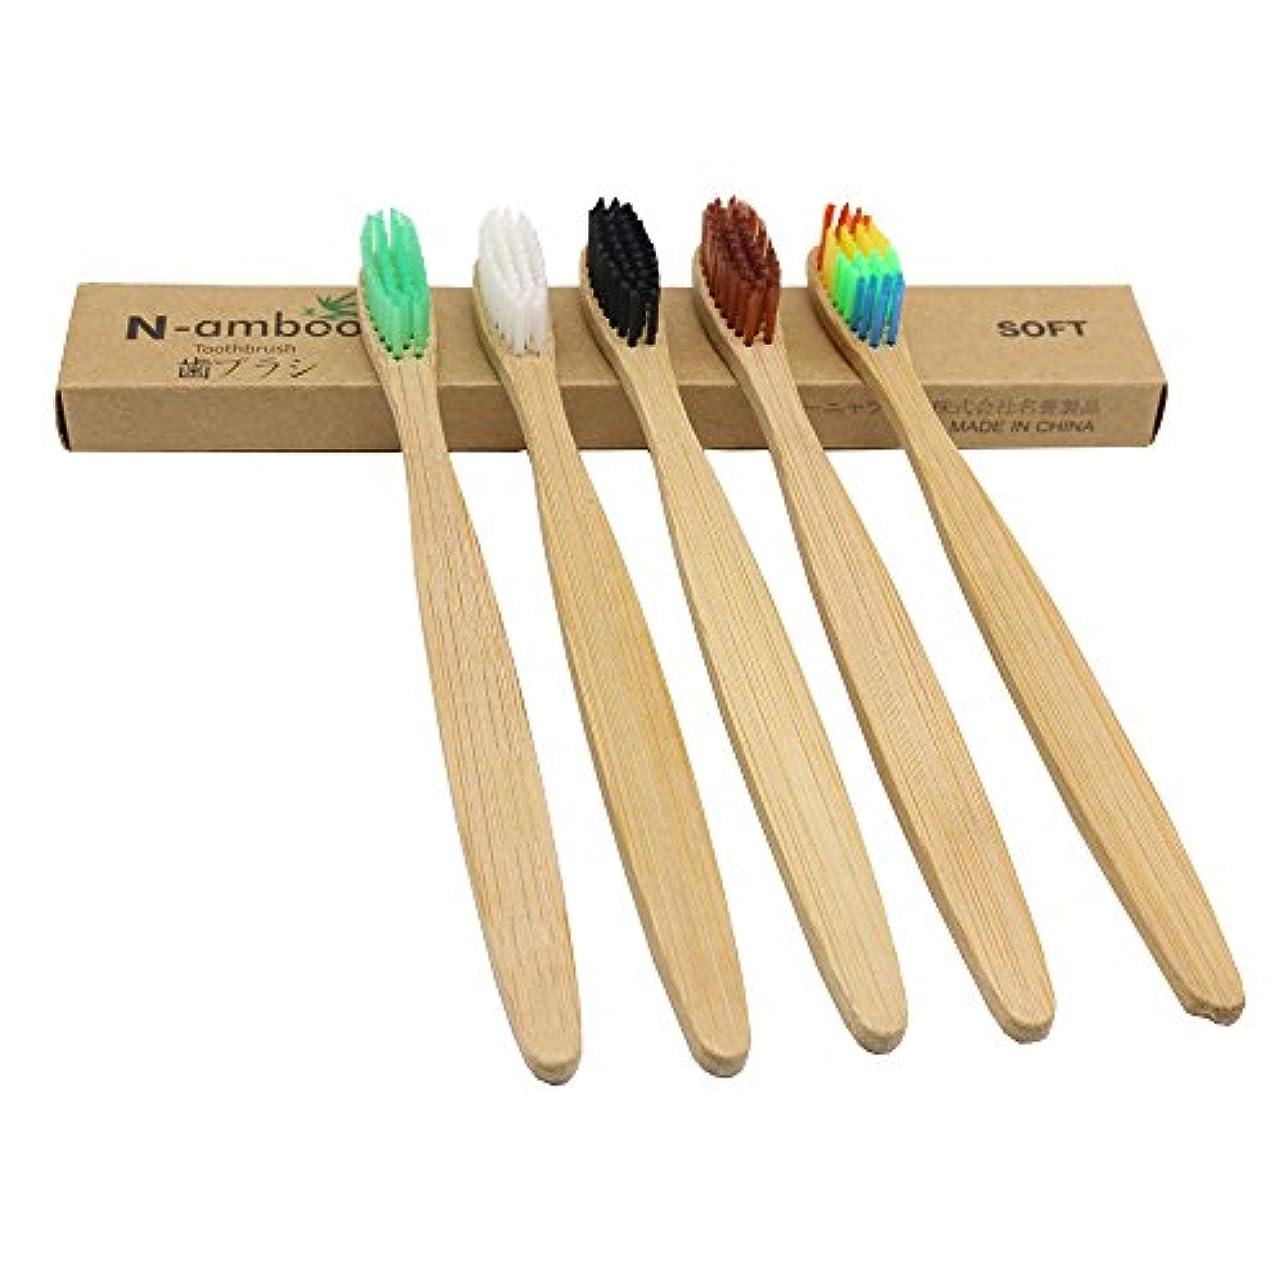 自動車ルアーシソーラスN-amboo 竹製 歯ブラシ 高耐久性 5種類 セット エコ 軽量 5本入り